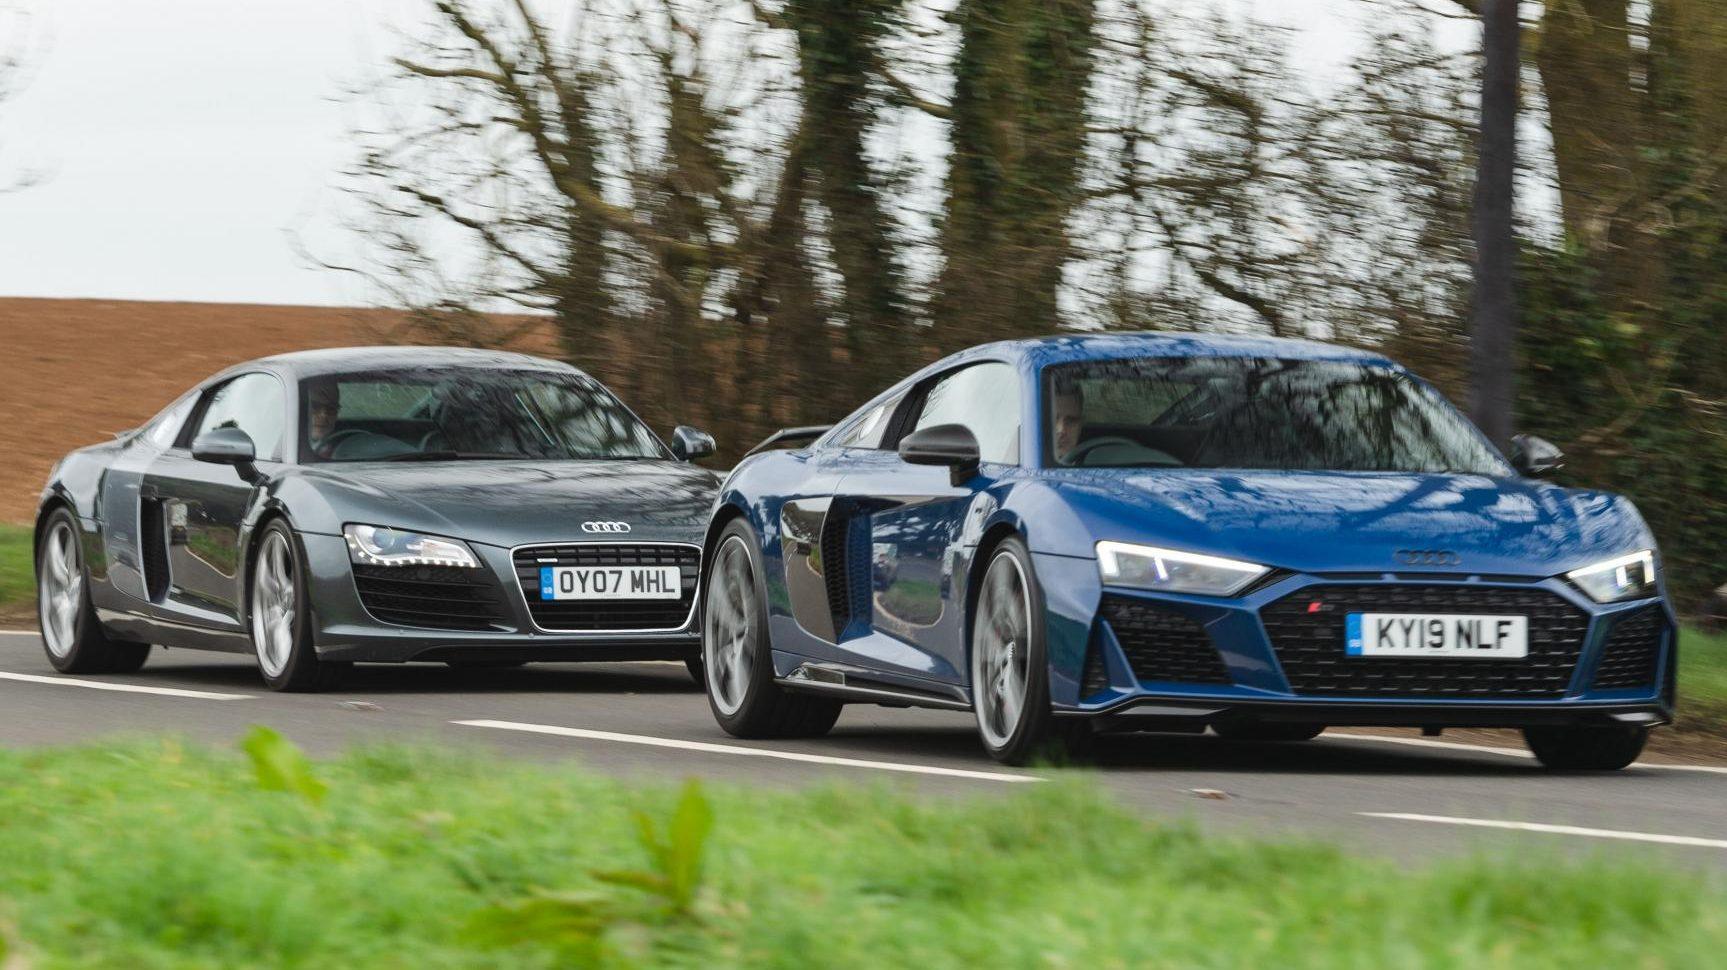 Audi R8 V8 vs V10 links voor op weg